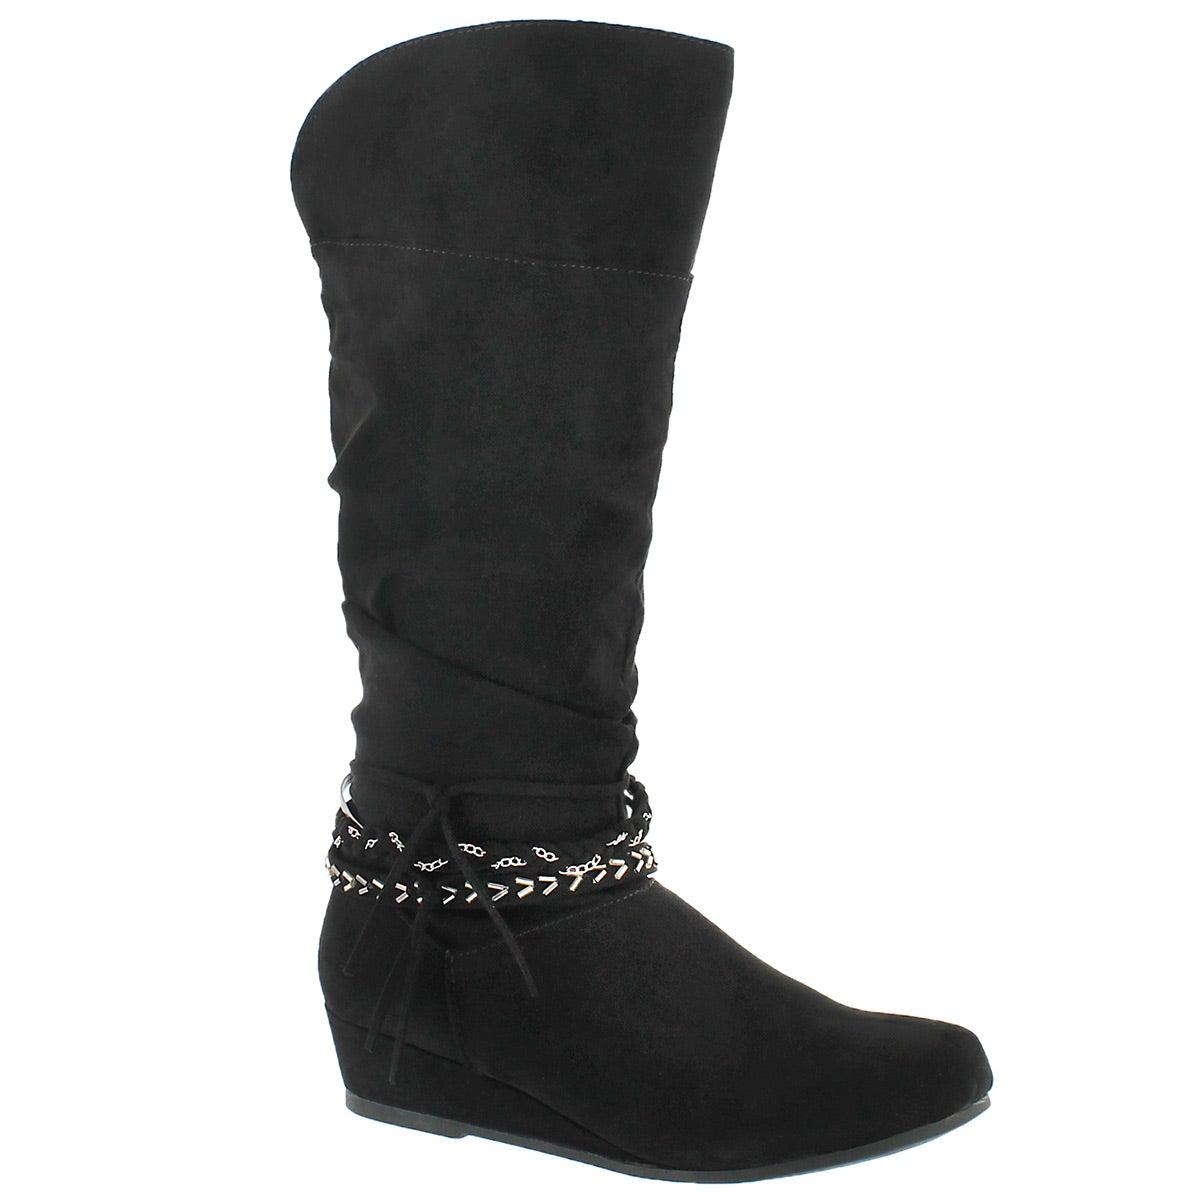 Grls Melanie II blk tall casual boot